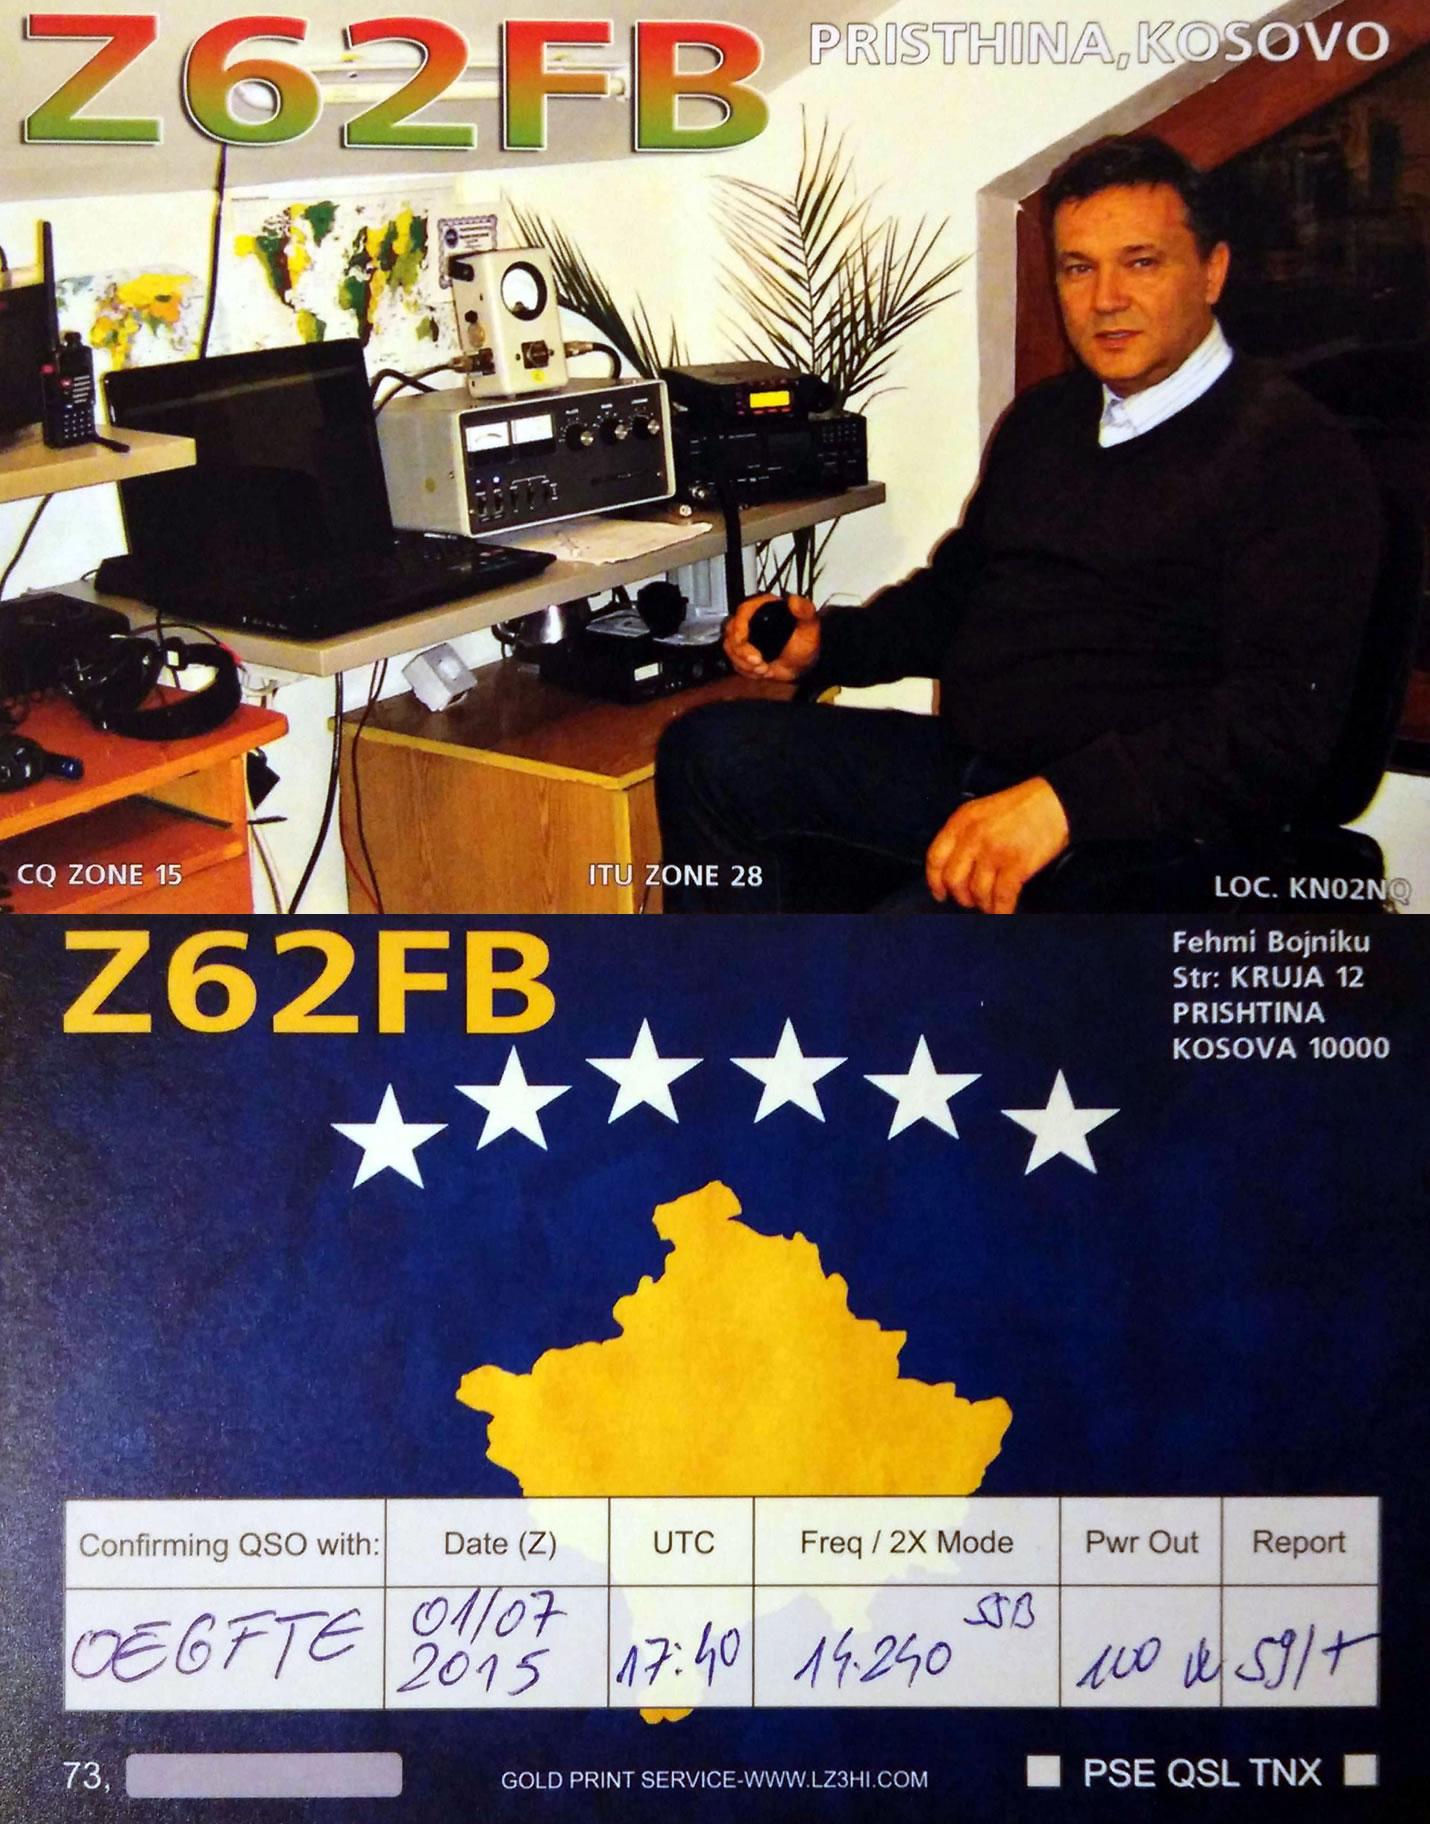 Z62FB